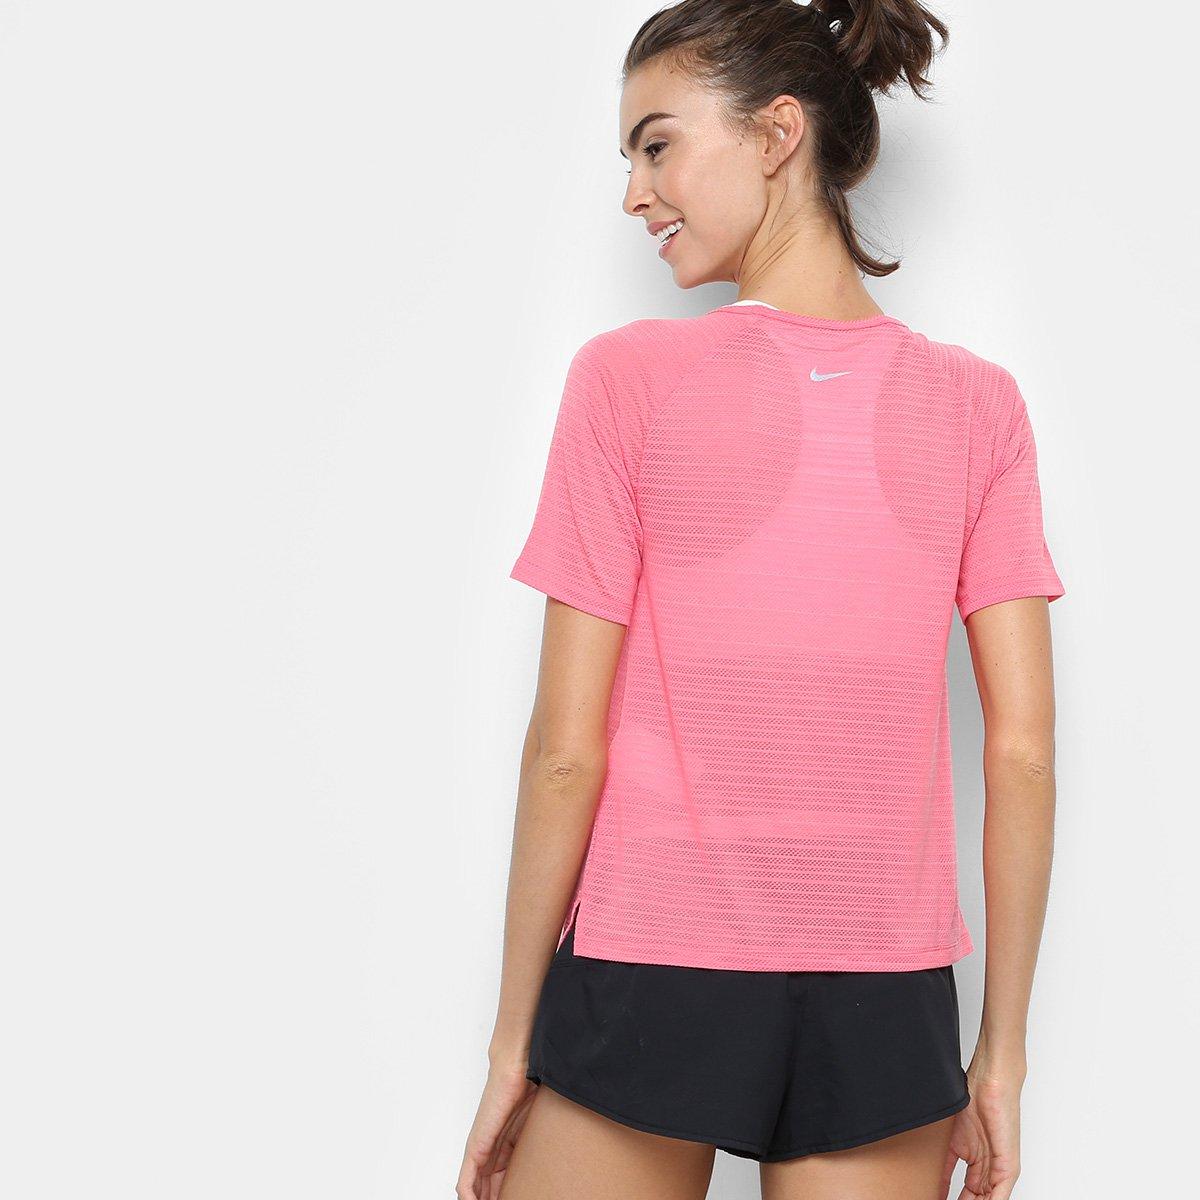 Miler Nike Feminina SS Rosa Breathe Camiseta Miler Camiseta Miler Breathe Rosa SS Camiseta Nike Nike SS Feminina wYdgqYAO